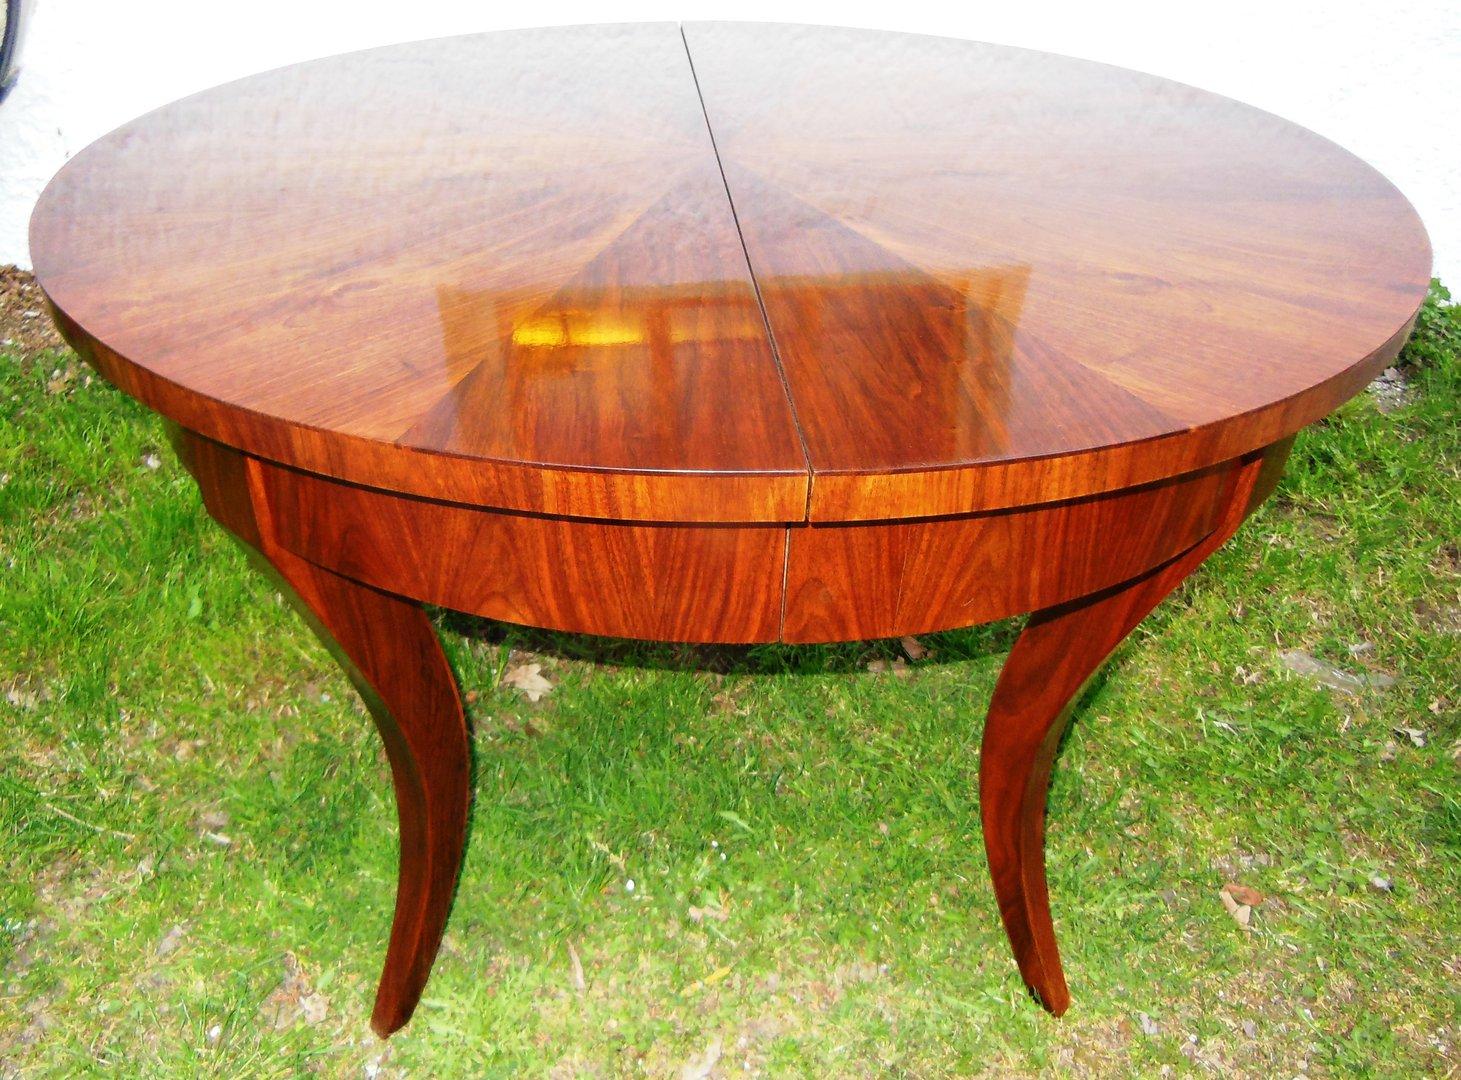 biedermeier stil nussbaum furnierter tisch in 2 gr en oval mit 2 einlegeplatten antik m bel. Black Bedroom Furniture Sets. Home Design Ideas